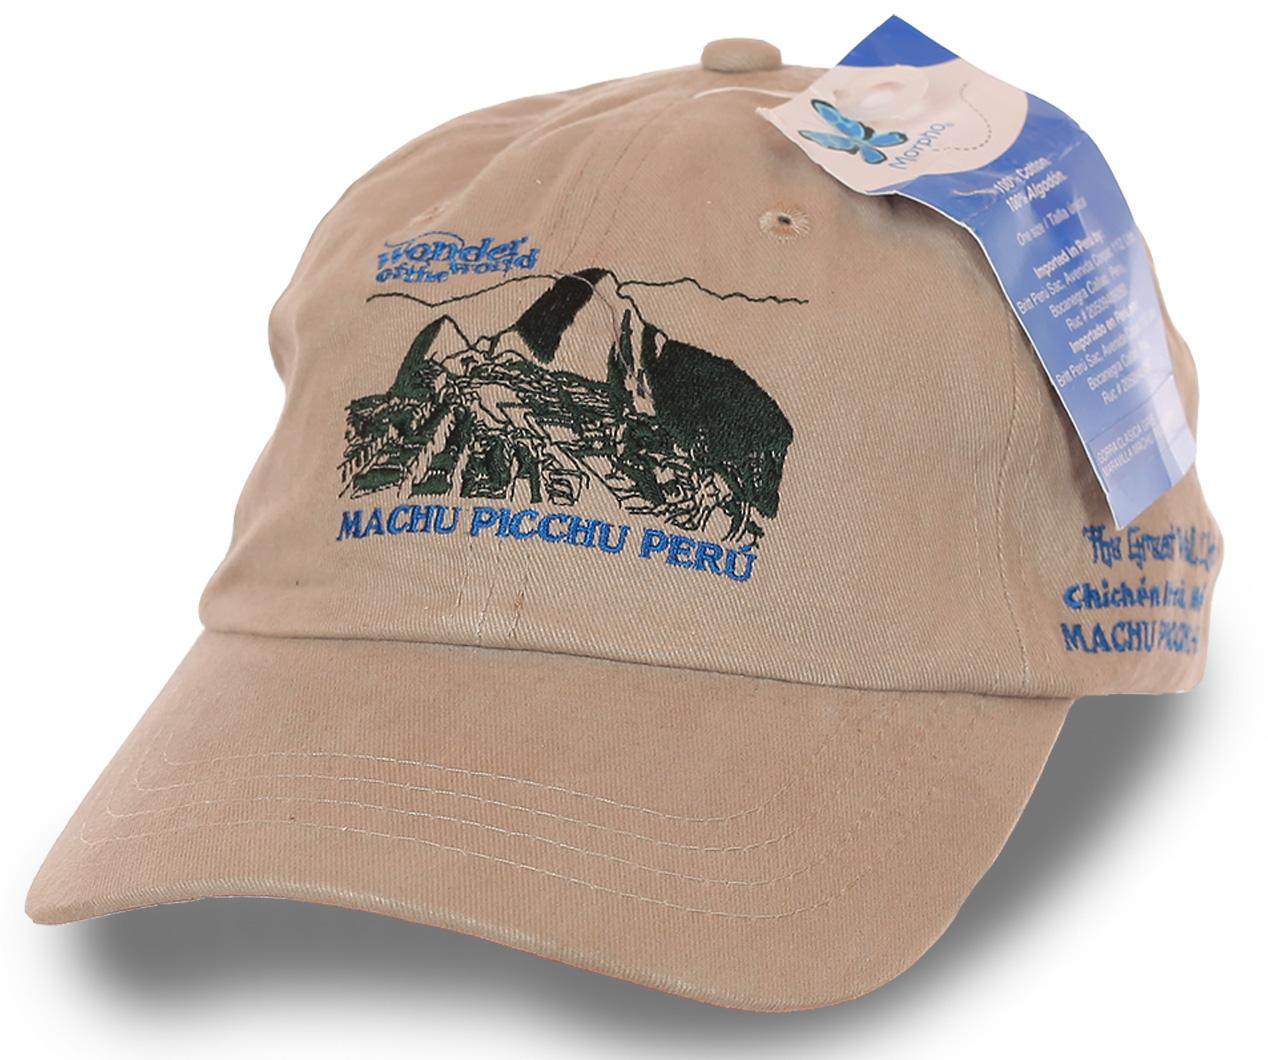 Фирменная бейсболка с изображением гор легендарного Мачу-Пикчу. Лучше гор могут быть только горы…Модель унисекс с изогнутым козырьком